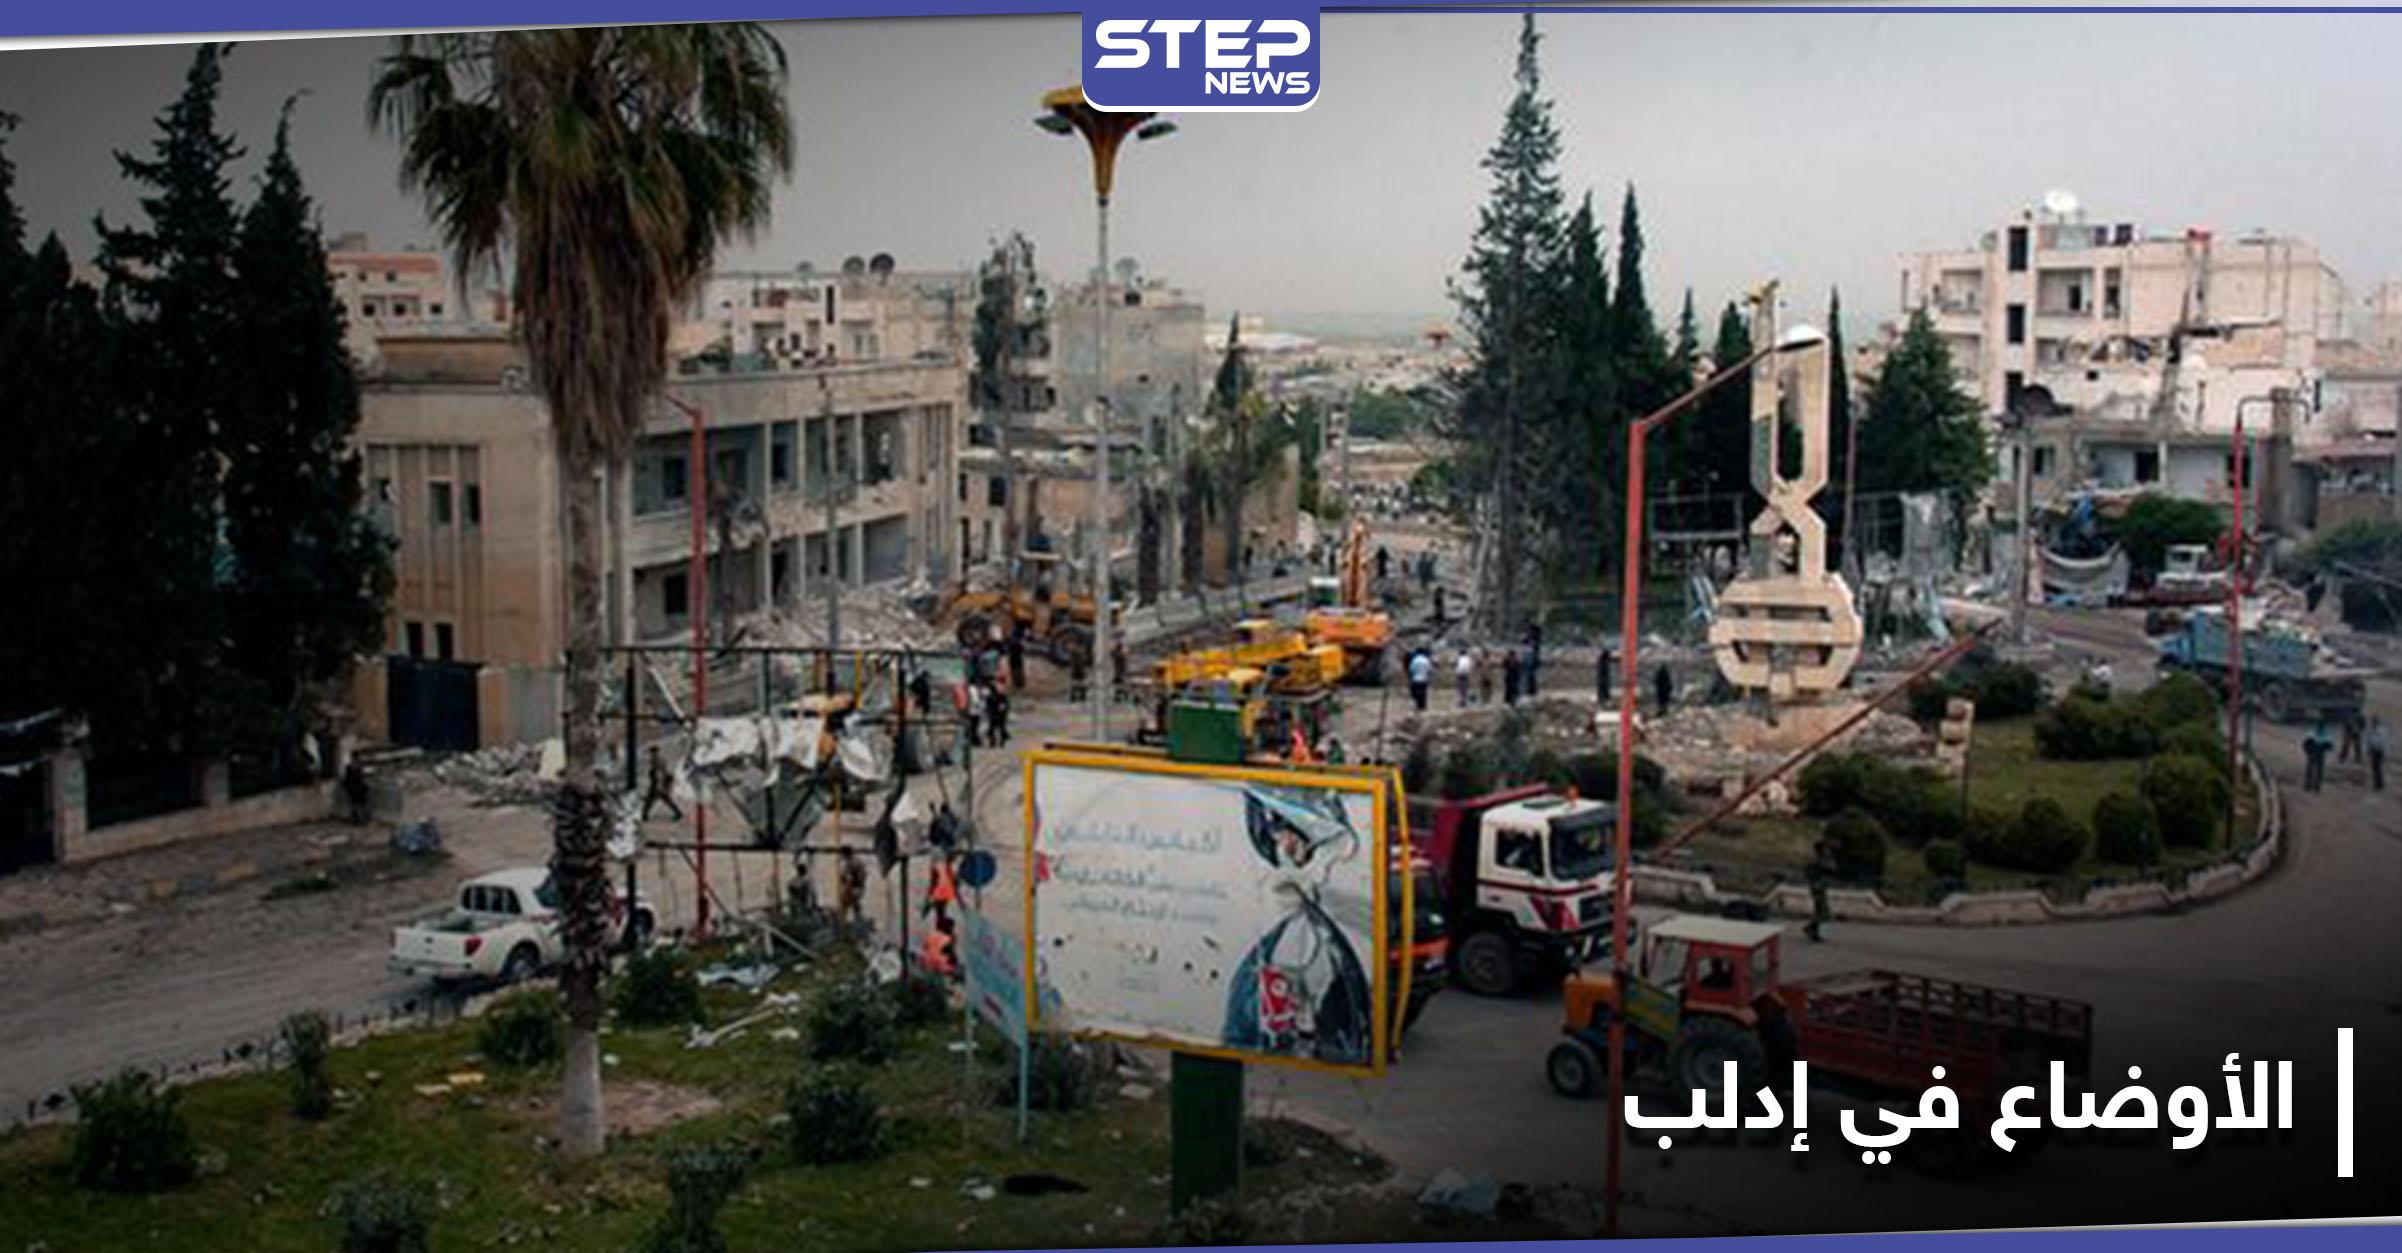 """الأوضاع في محافظة إدلب أصبحت مثل """"قطاع غزة"""" لسببين"""